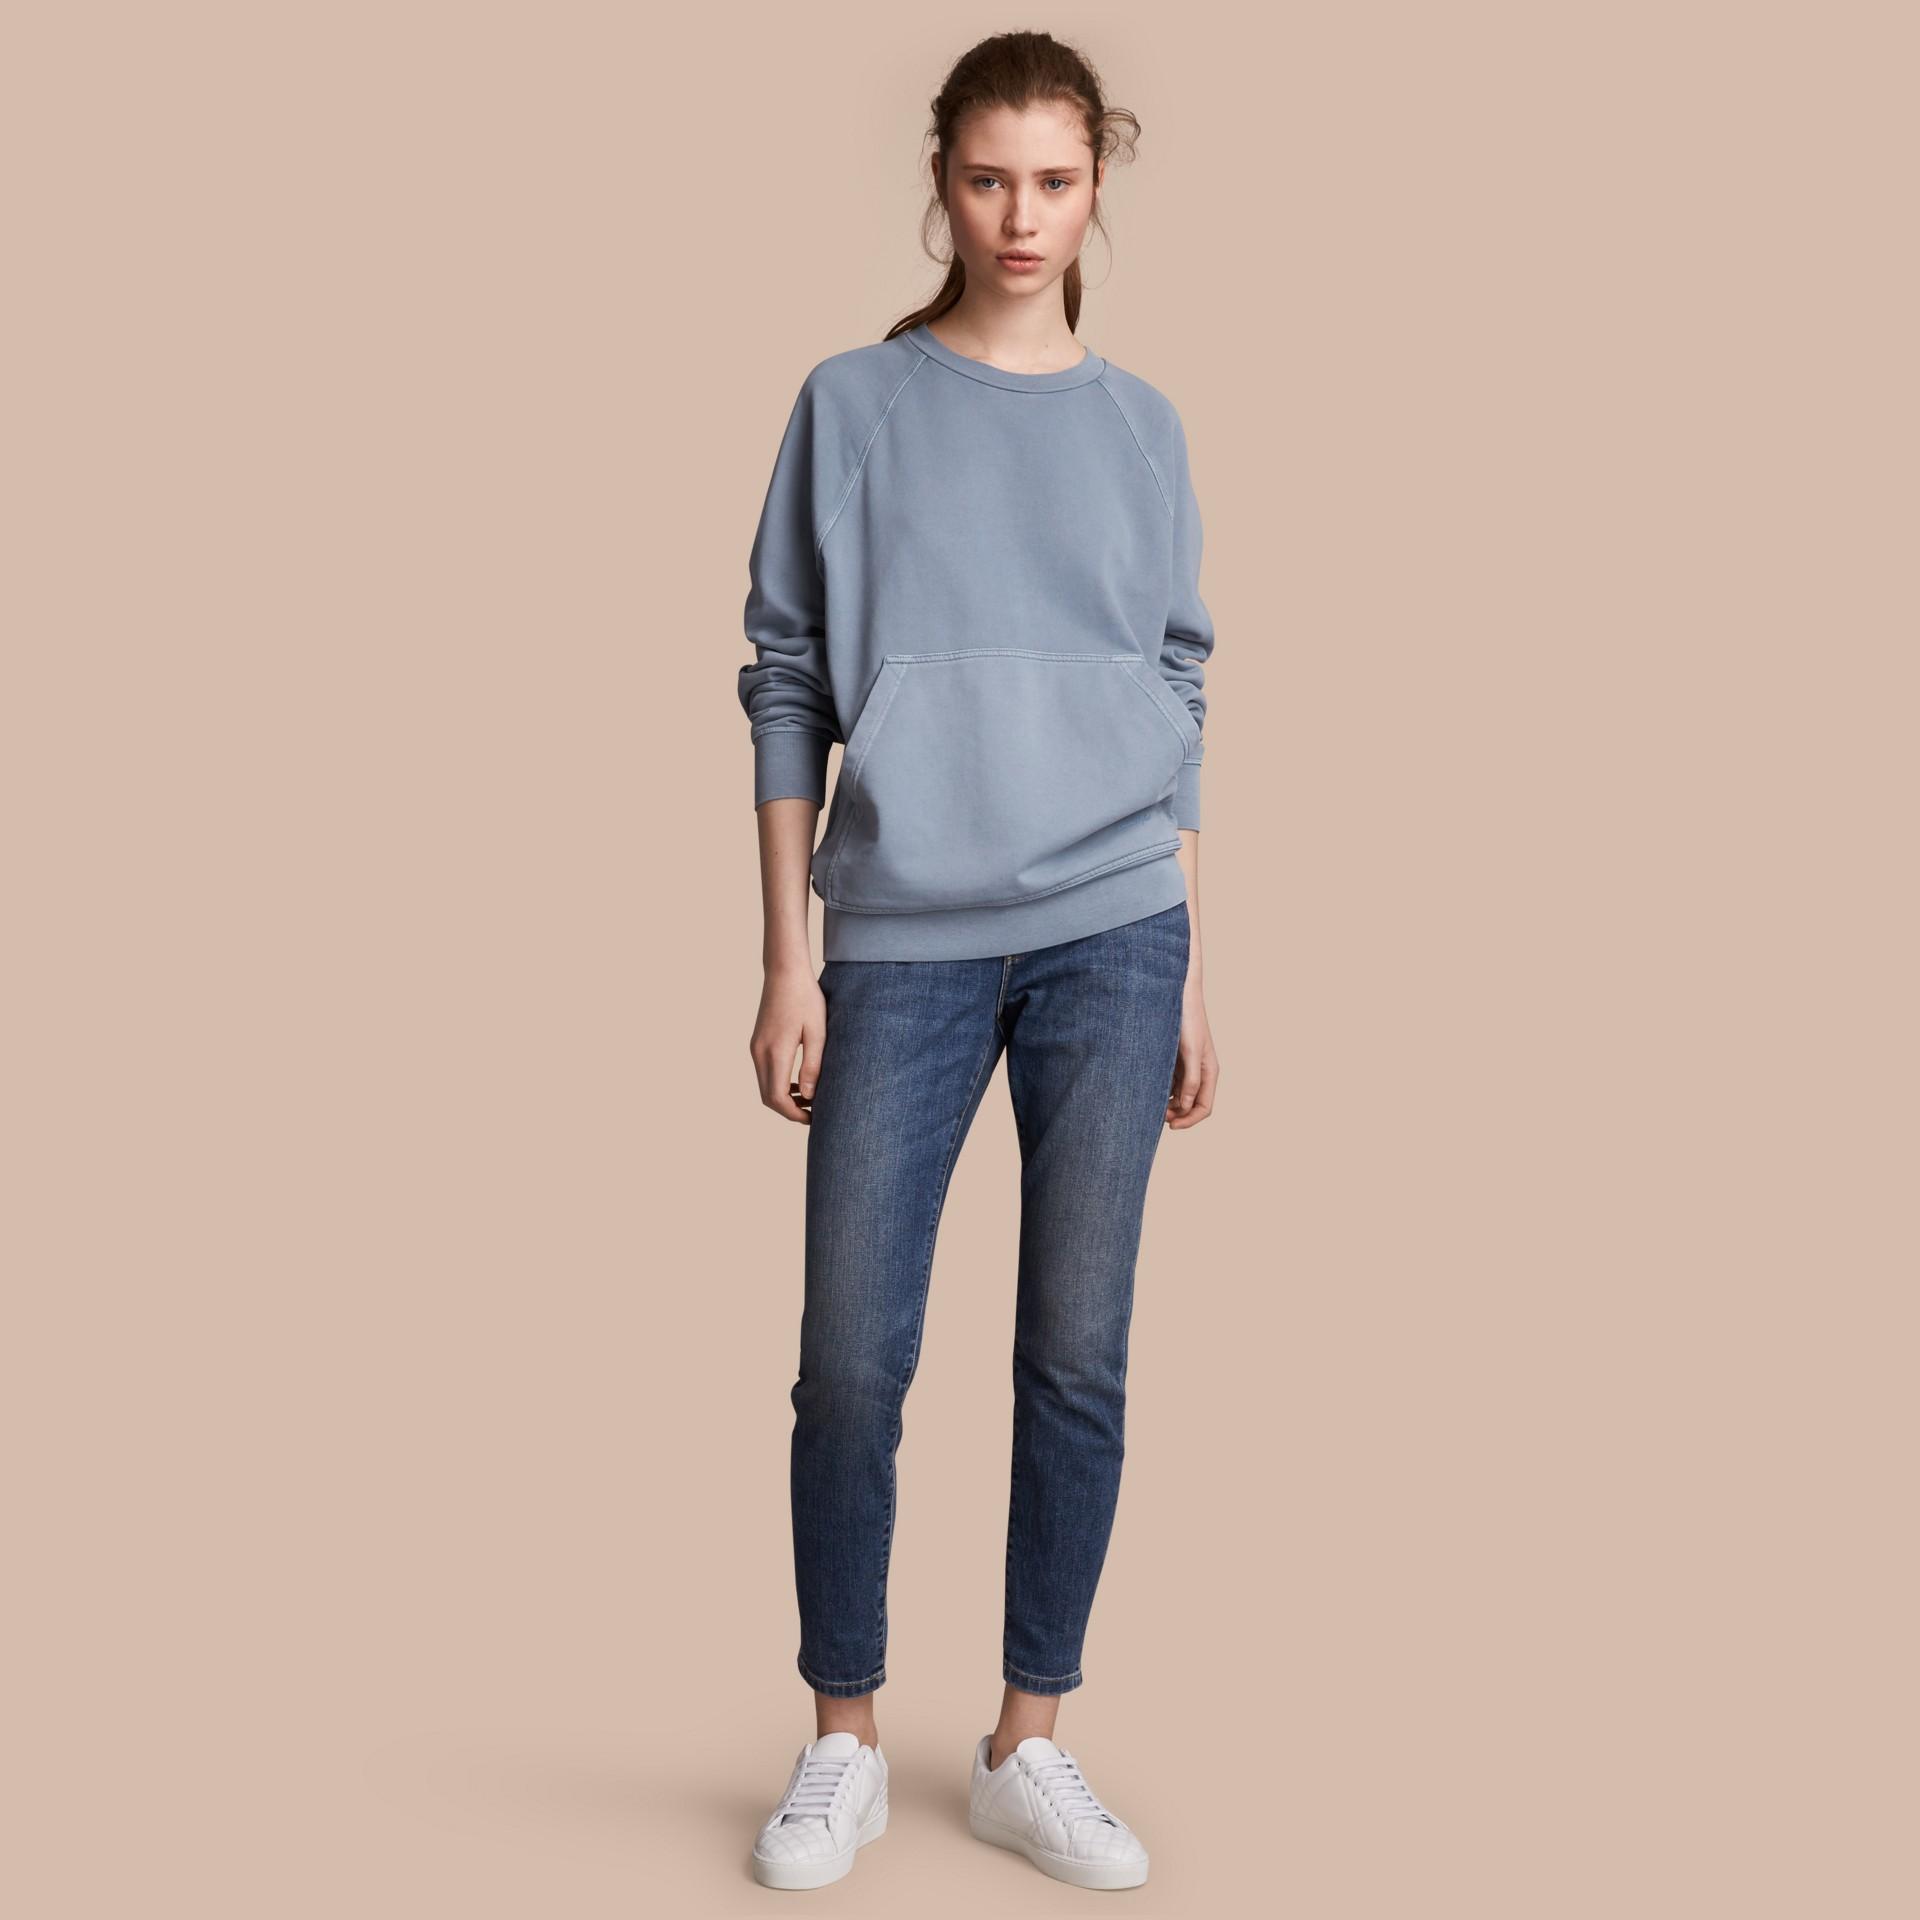 Sweat-shirt oversize unisexe en coton teint avec des colorants pigmentaires (Bleu Cendré) - Femme | Burberry - photo de la galerie 1